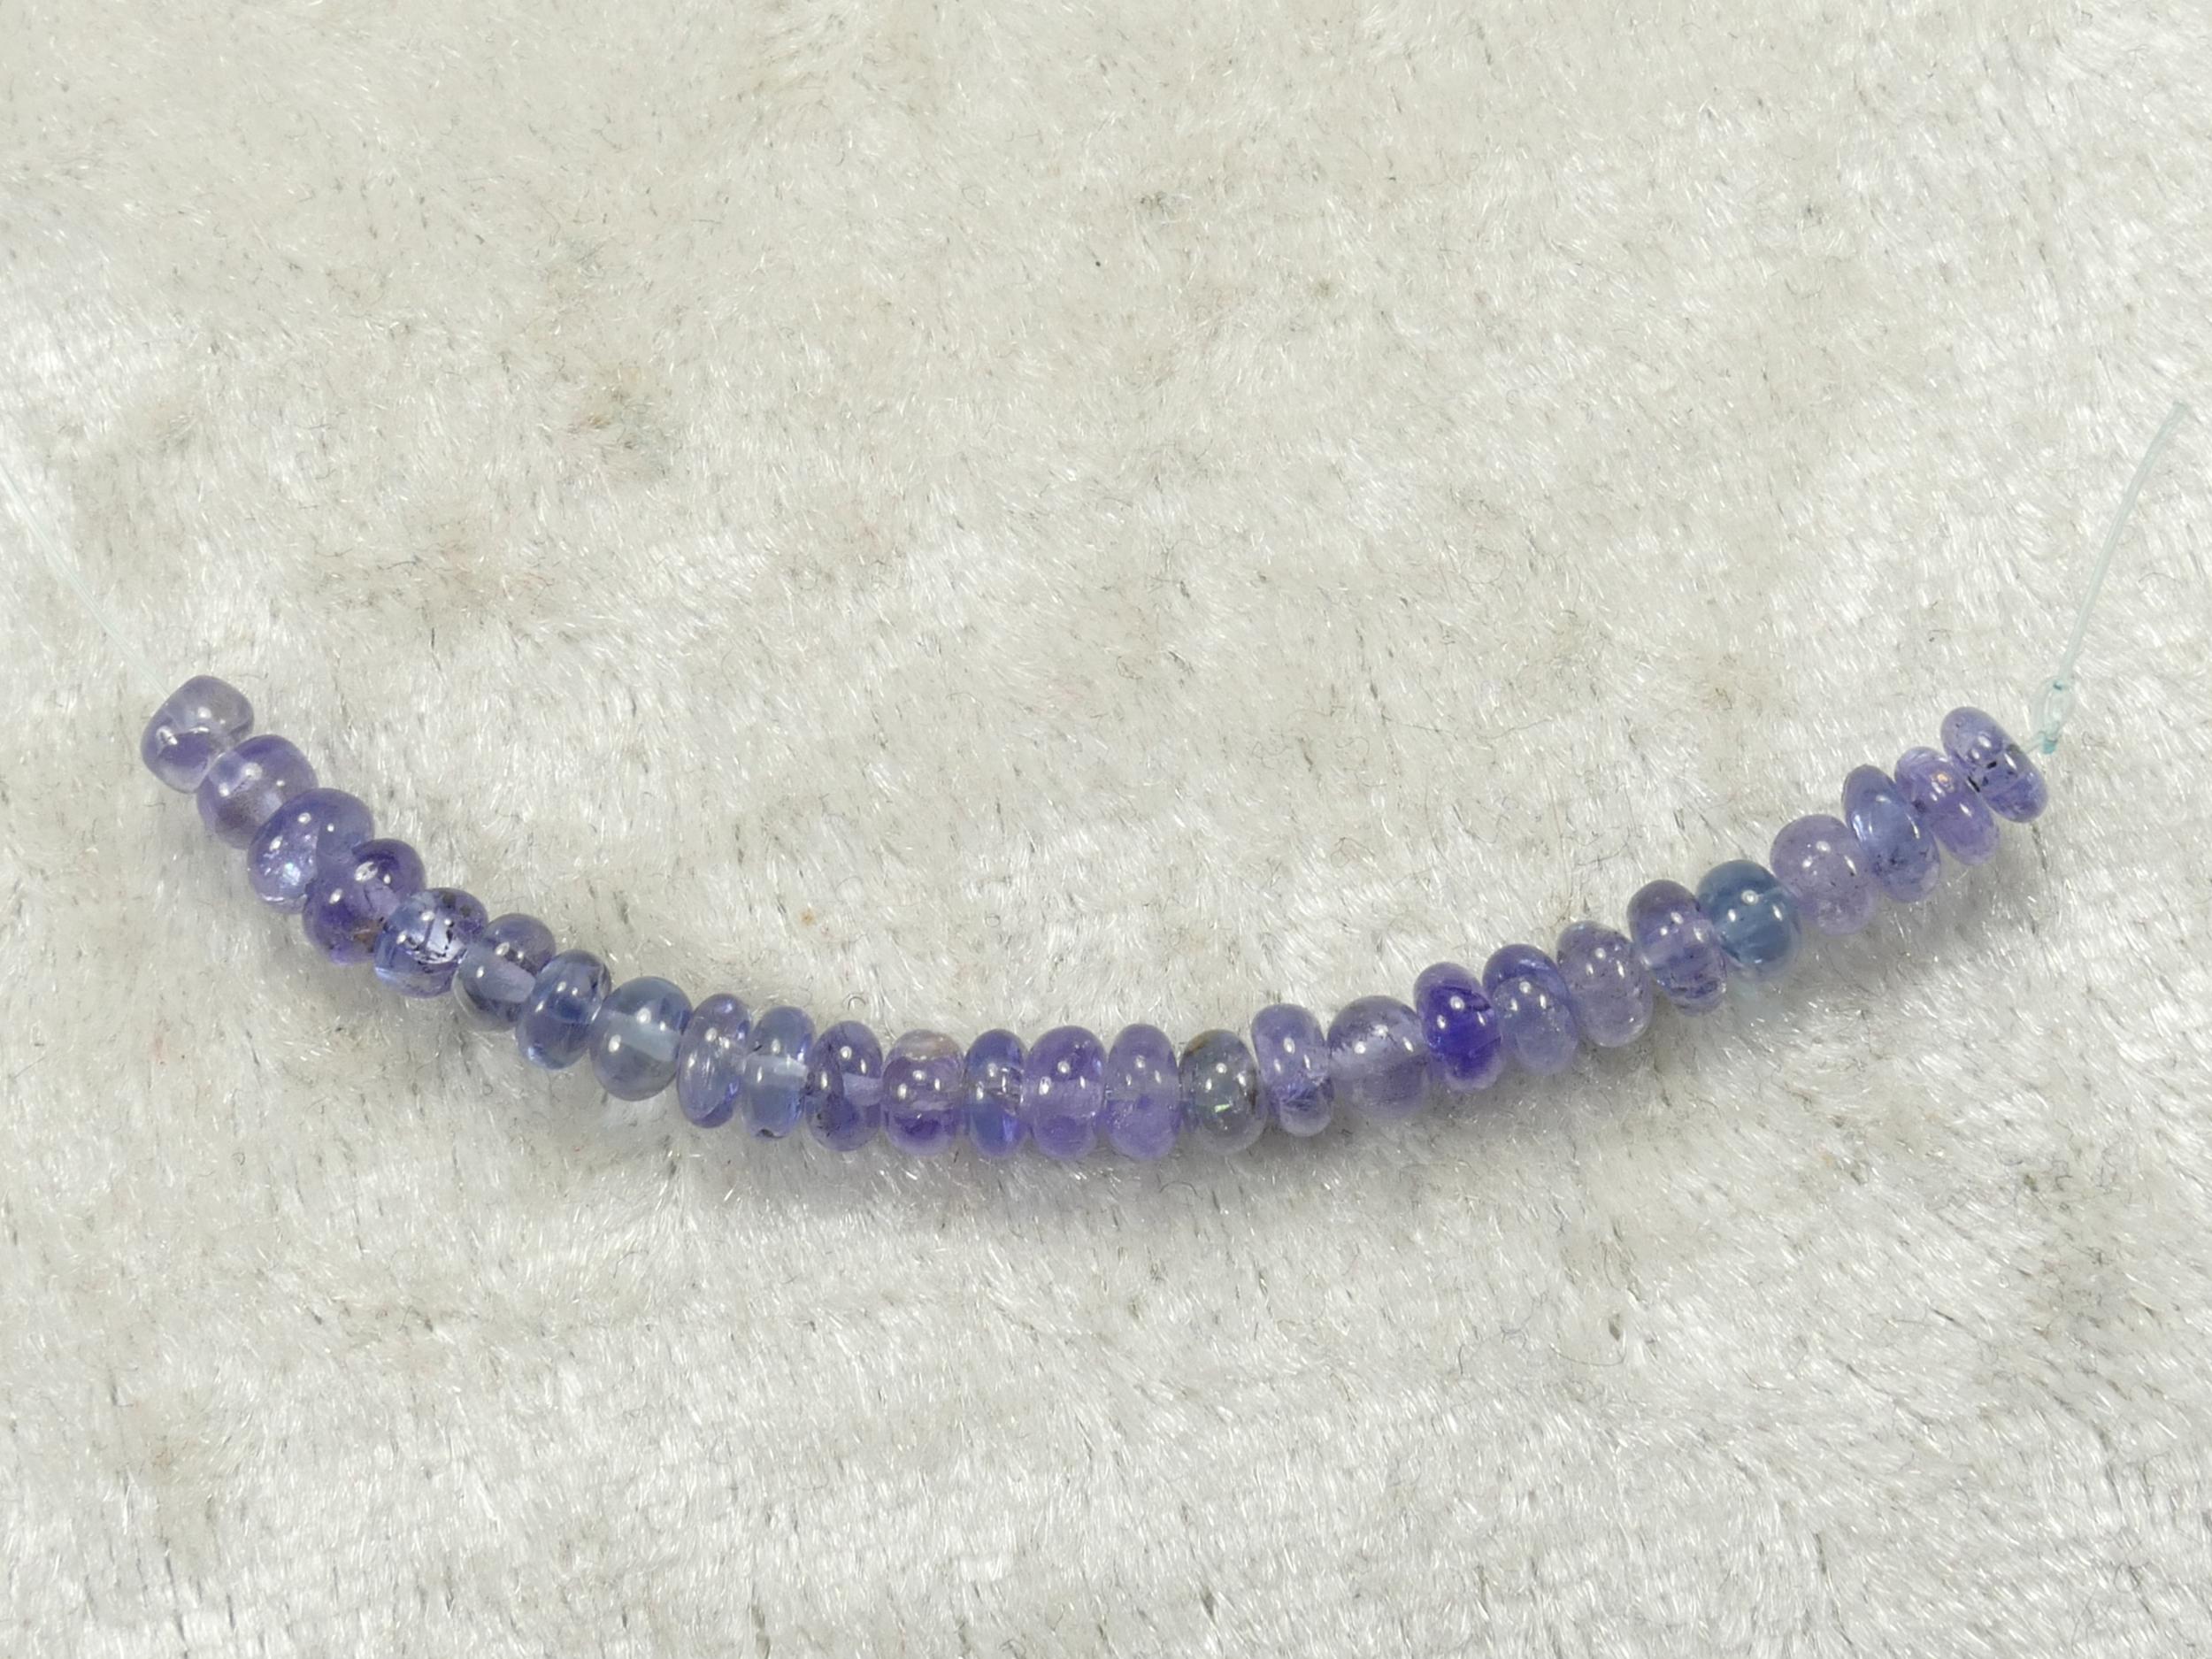 3.2/3.7mm Perles de Tanzanite naturelle en rondelle lisse de Tanzanie 5cm (#PK810)